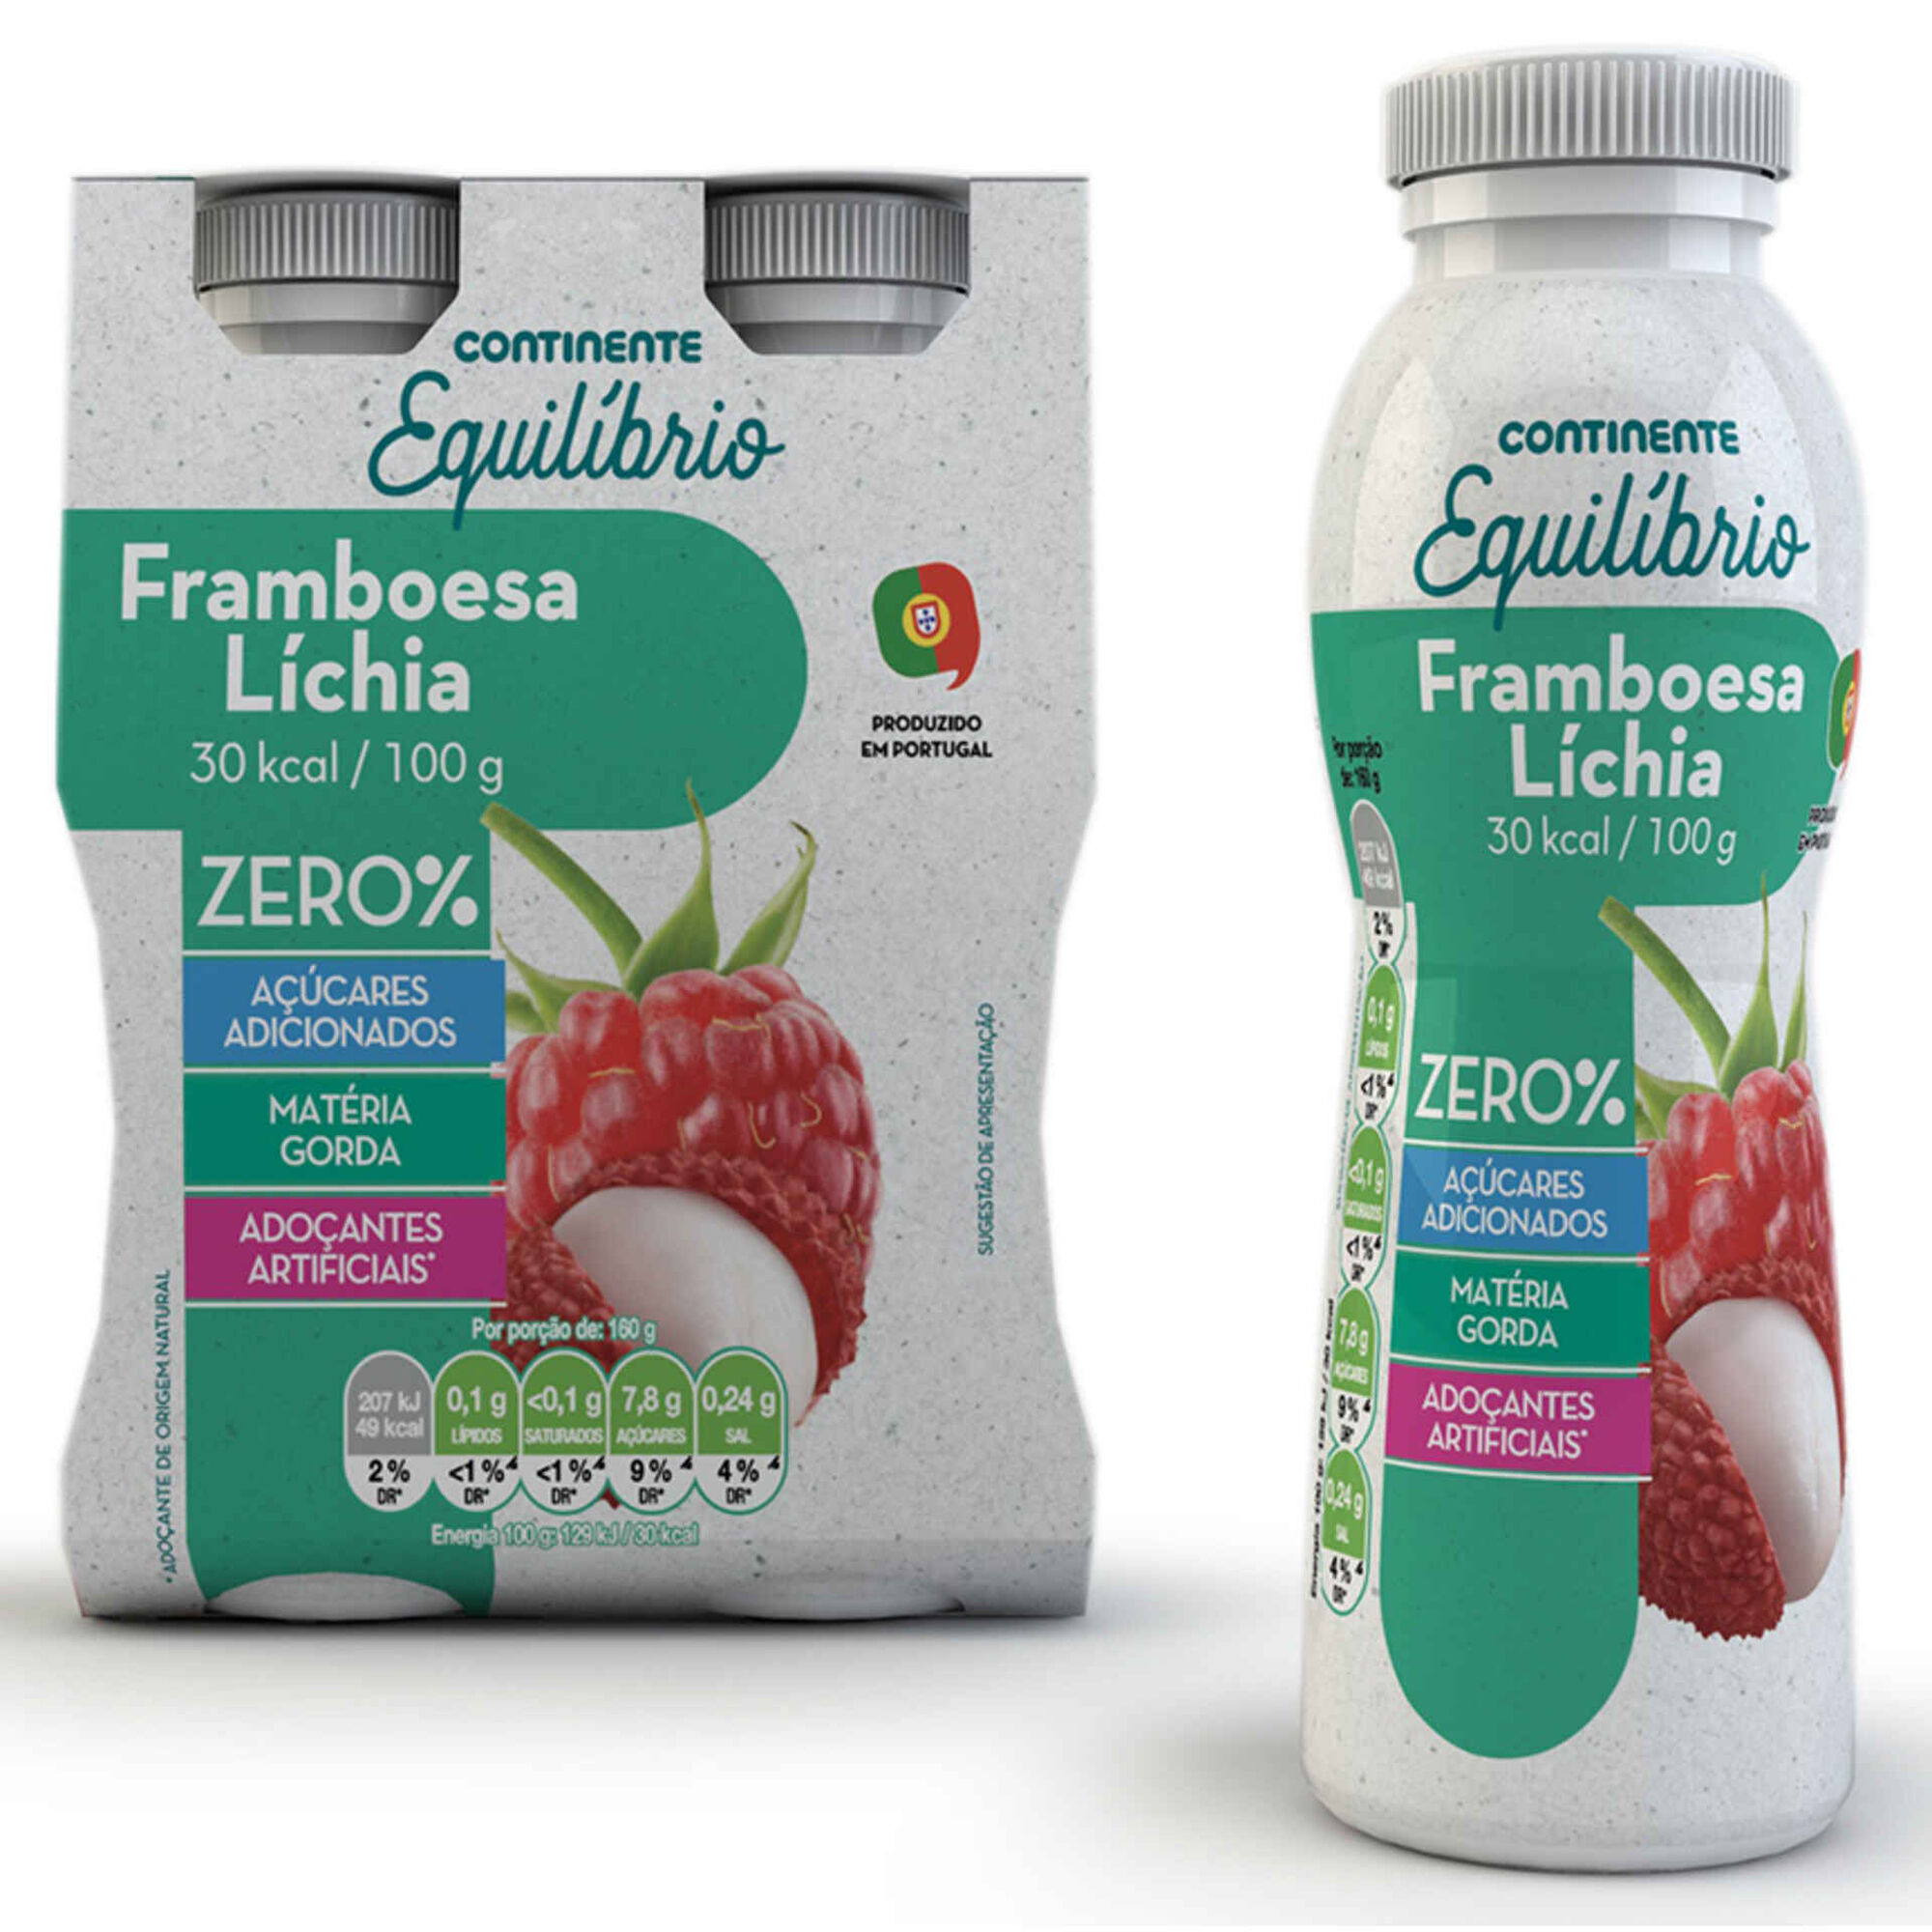 Iogurte Líquido Zero% Framboesa e Líchia